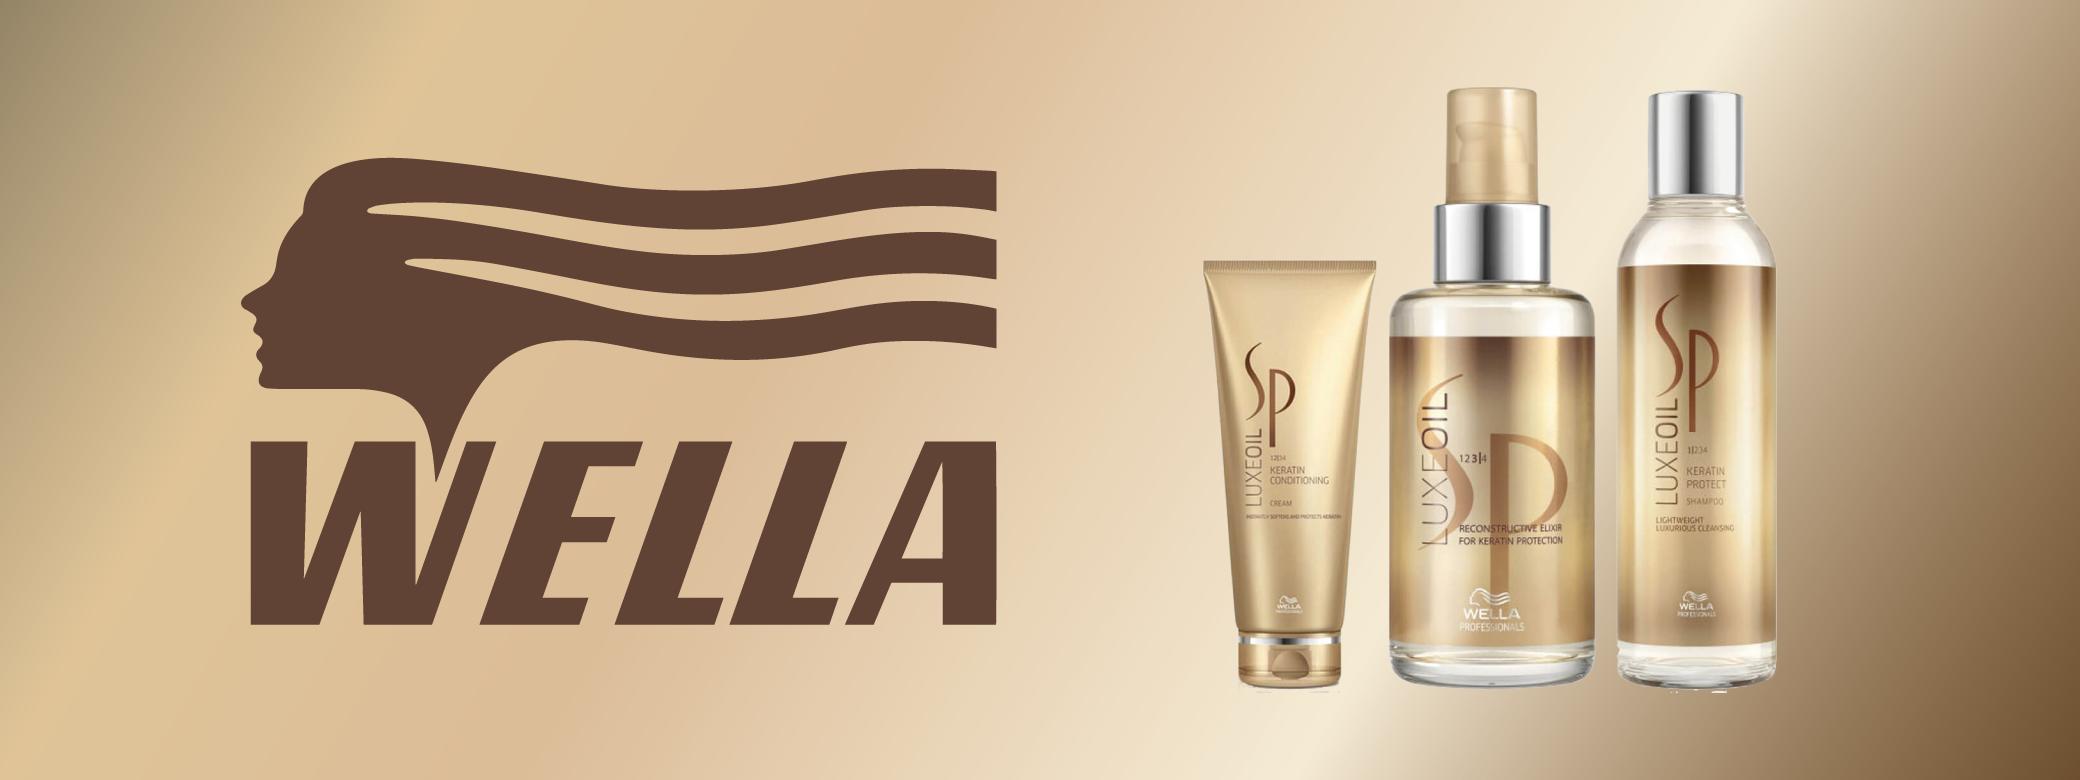 Wella brand banner